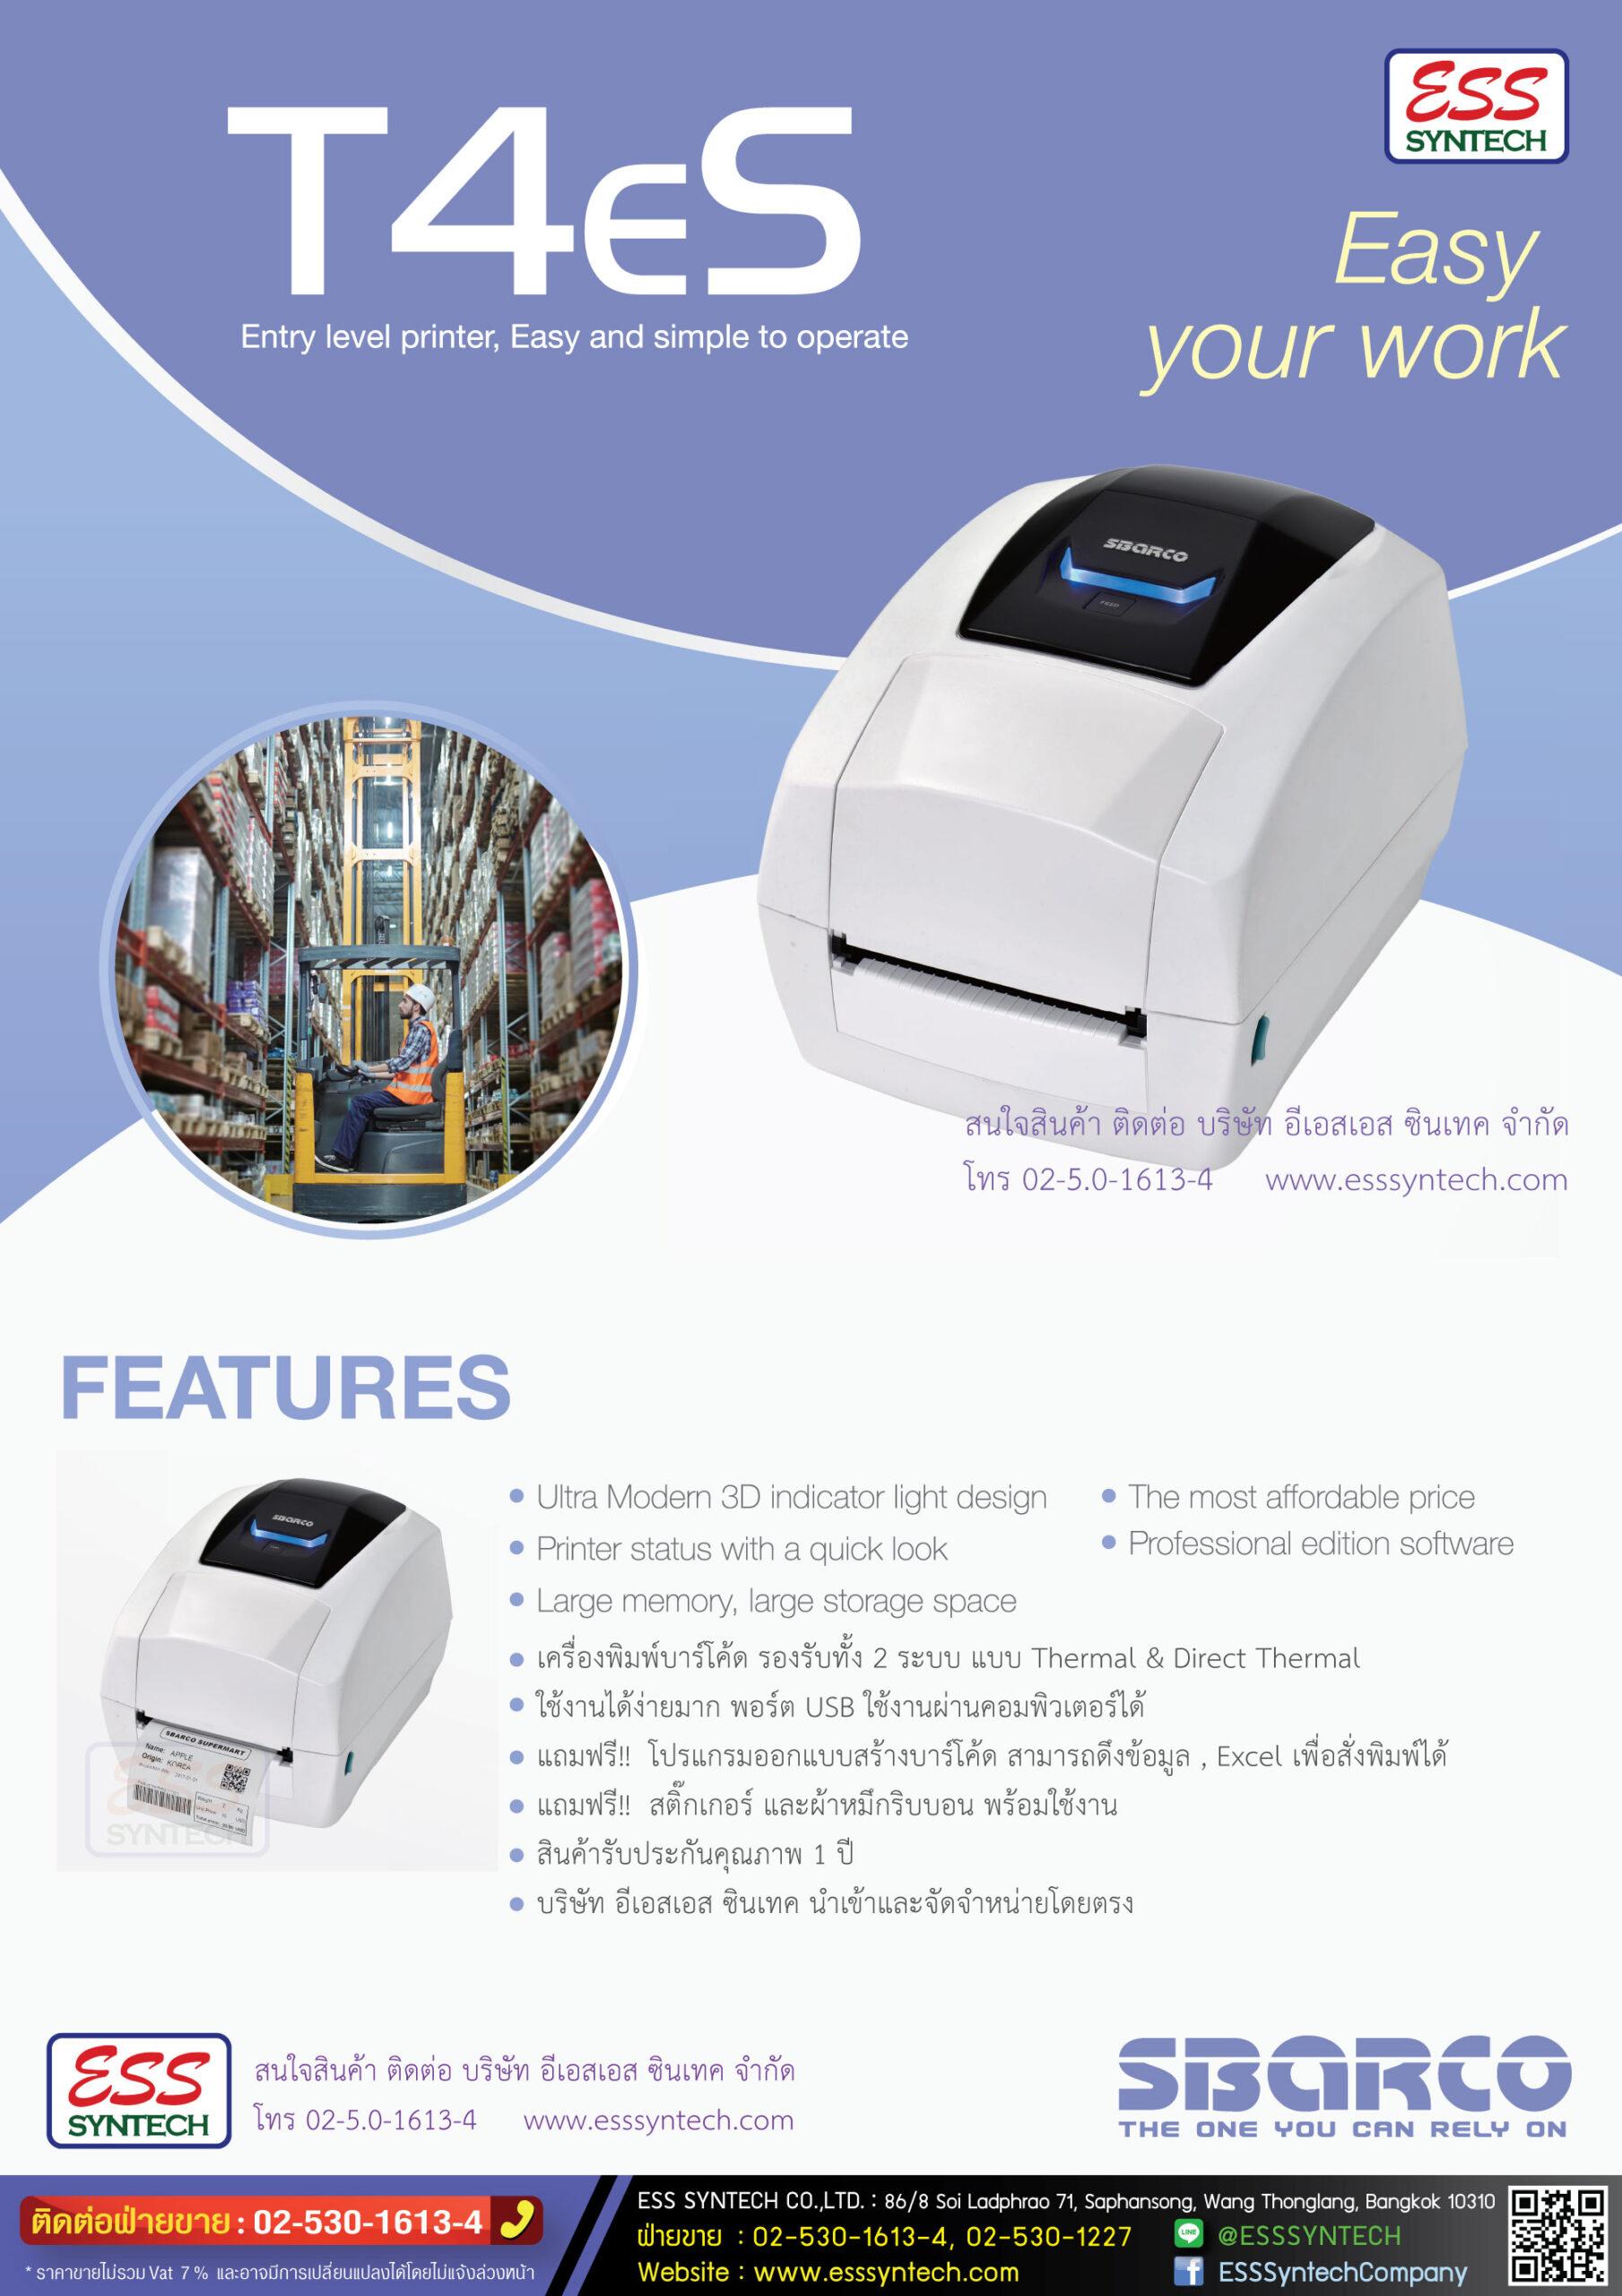 เครื่องพิมพ์ฉลากสินค้า Sbarco T4ES เครื่องพิมพ์บาร์โค้ดพร้อมโปรแกรม Desktop Sticker label printer 203 dpi